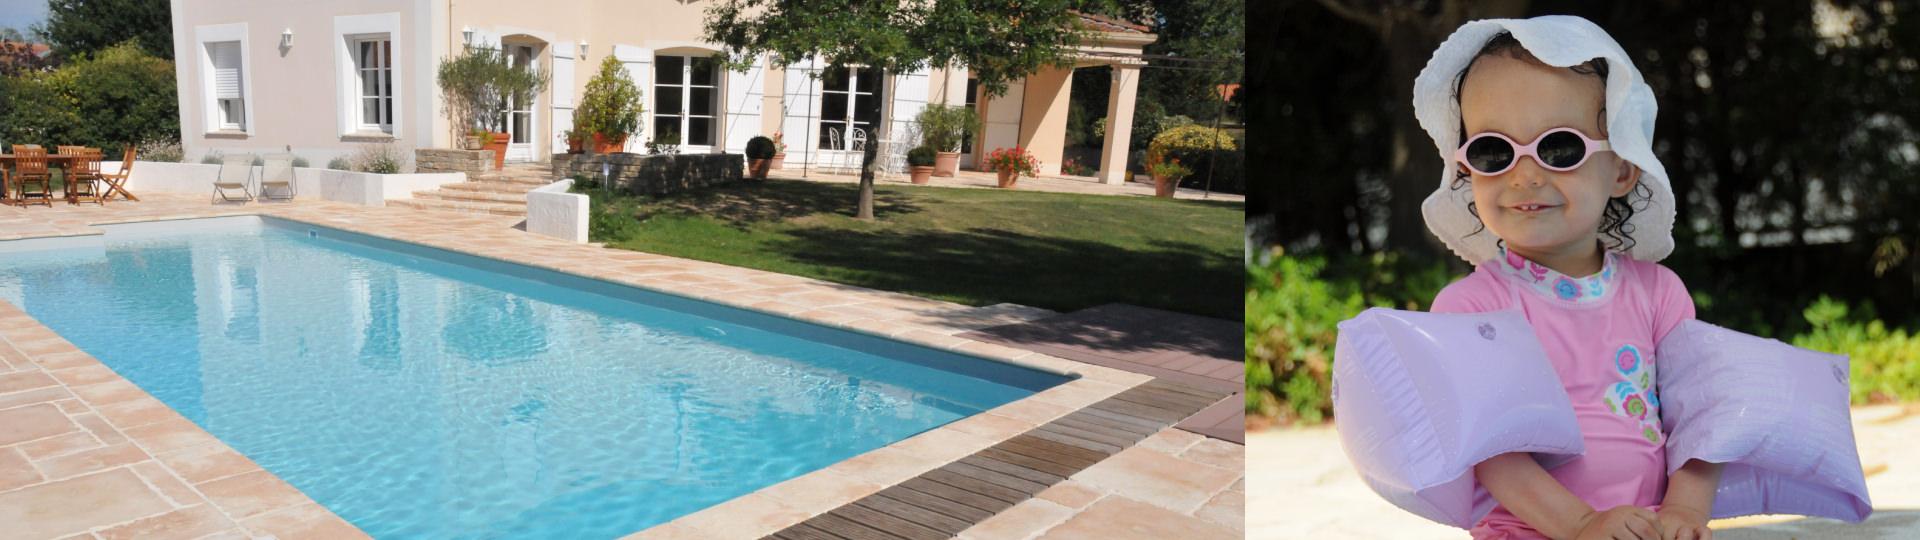 Piscines VINET, constructeur de piscines en Loire-Atlantique